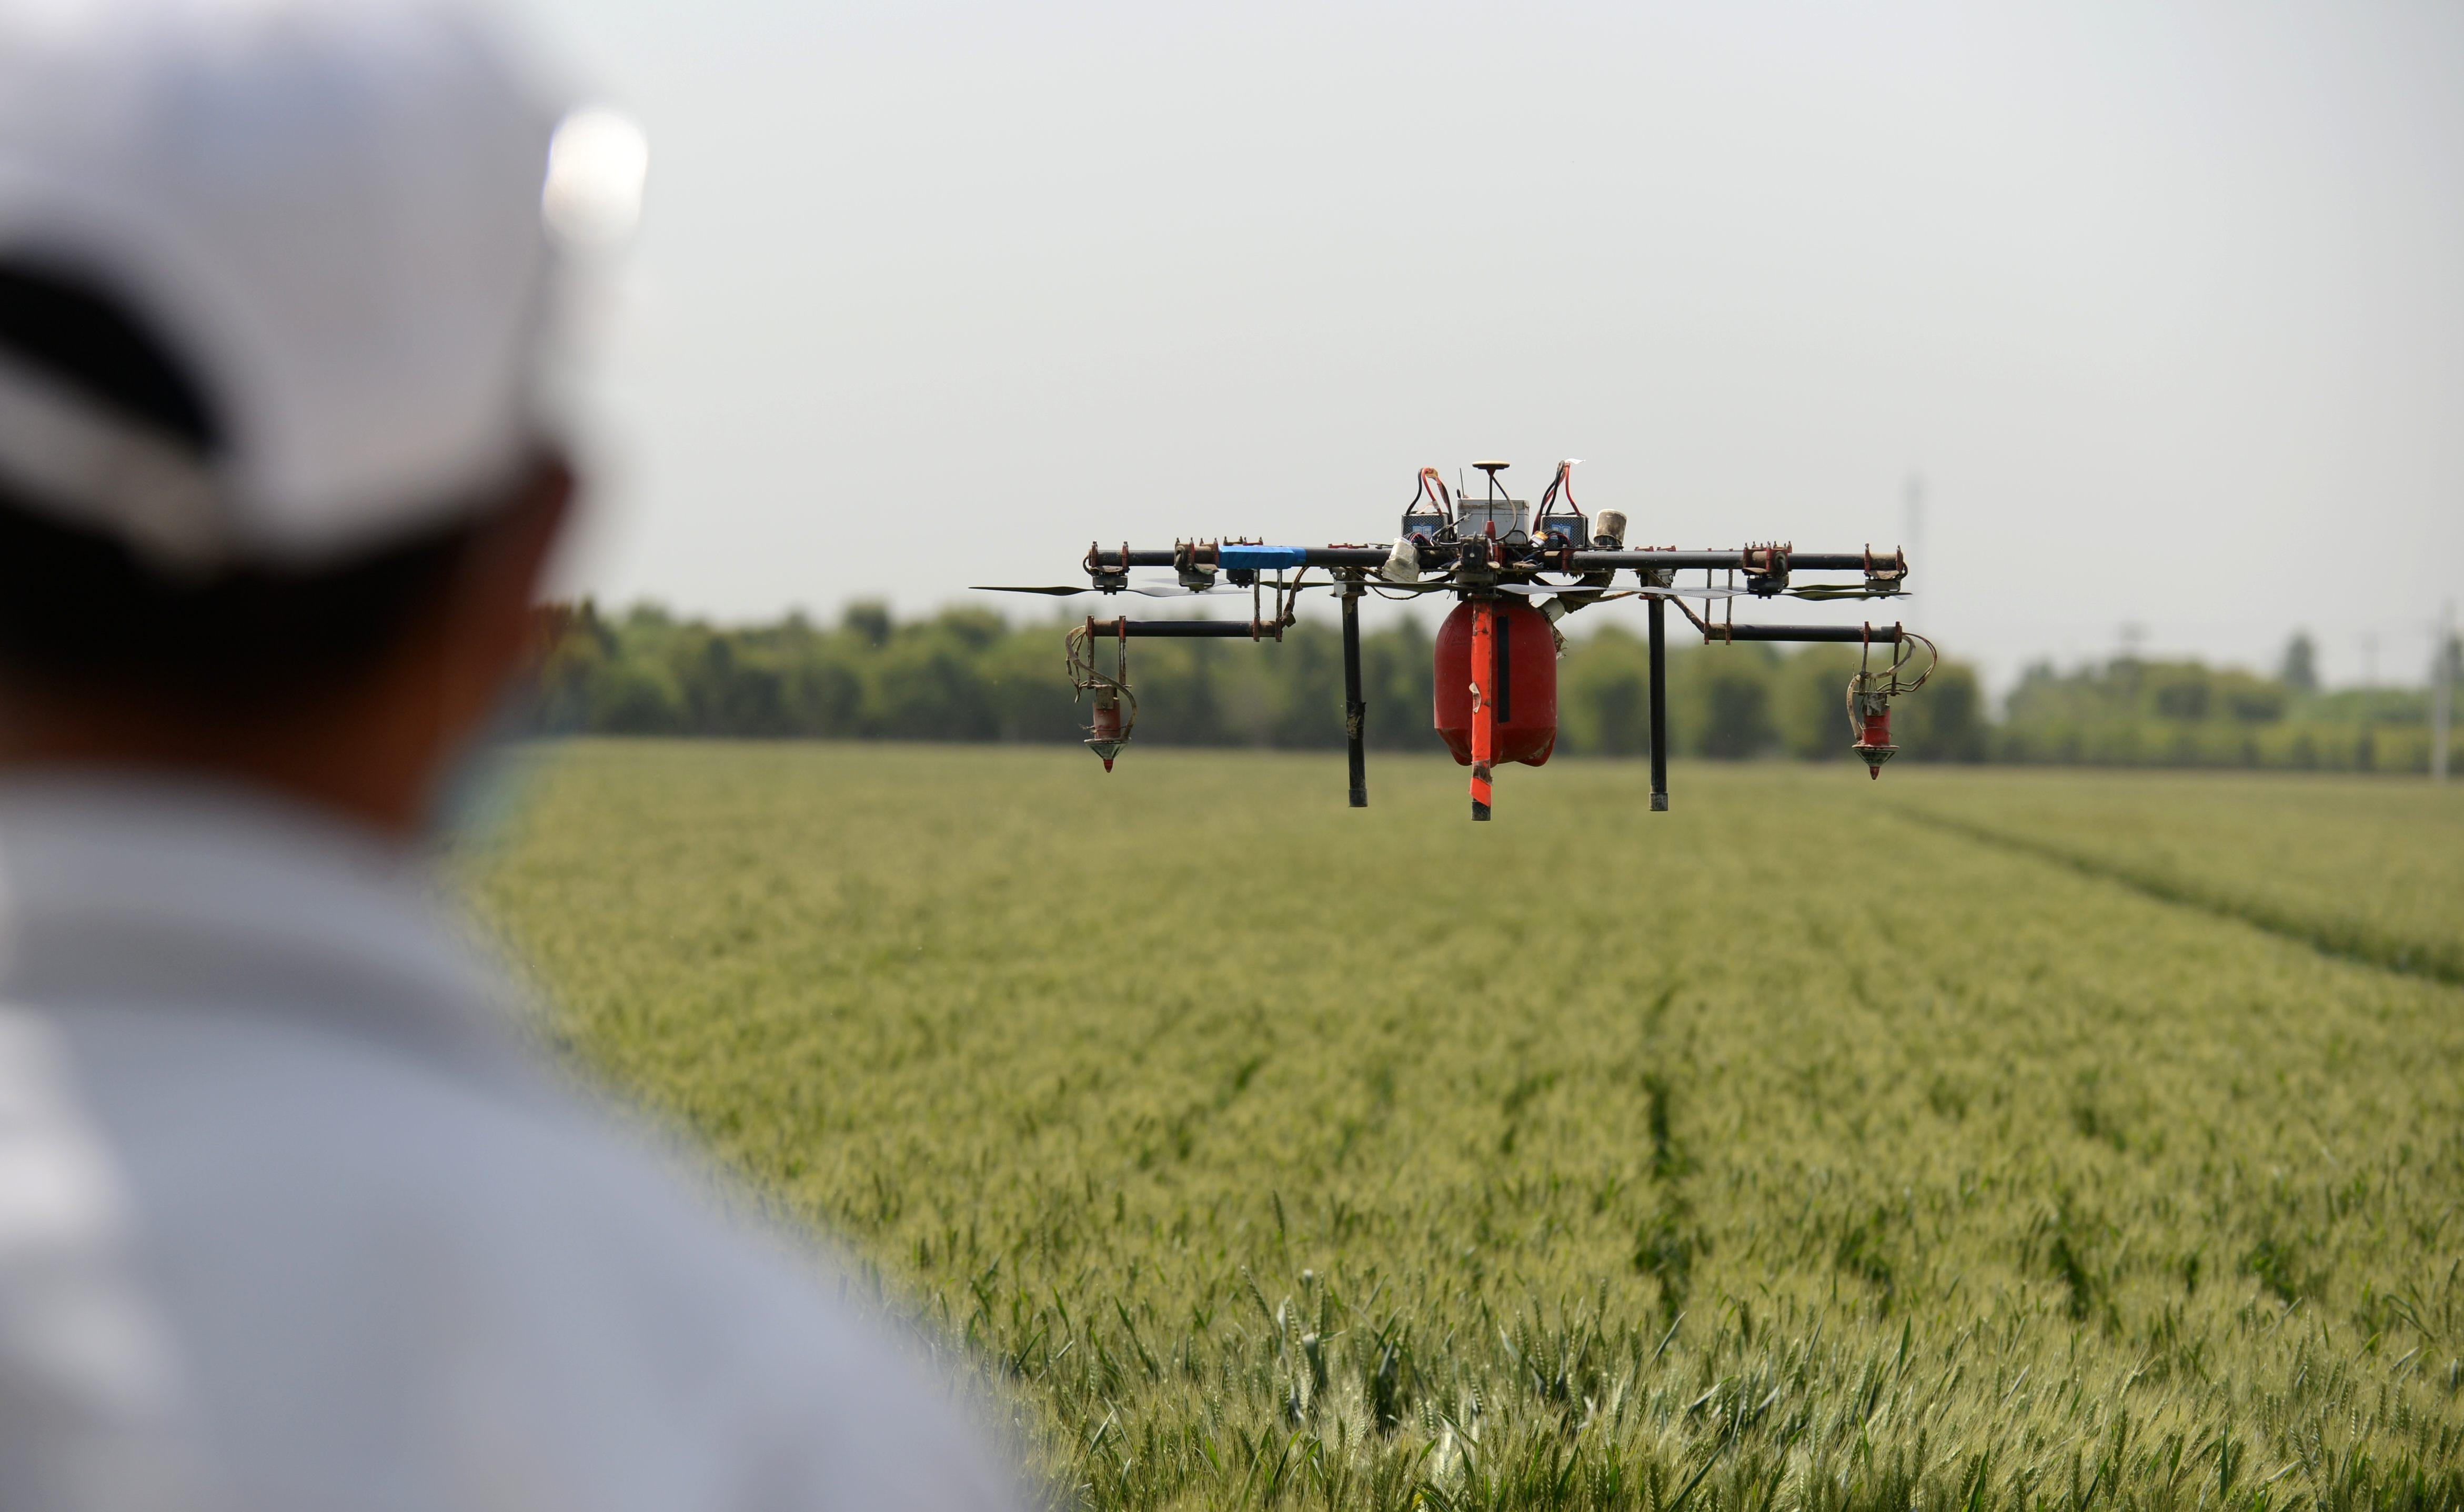 门联合飞防企业,利用无人植保飞机对小麦进行大规模喷药作业.